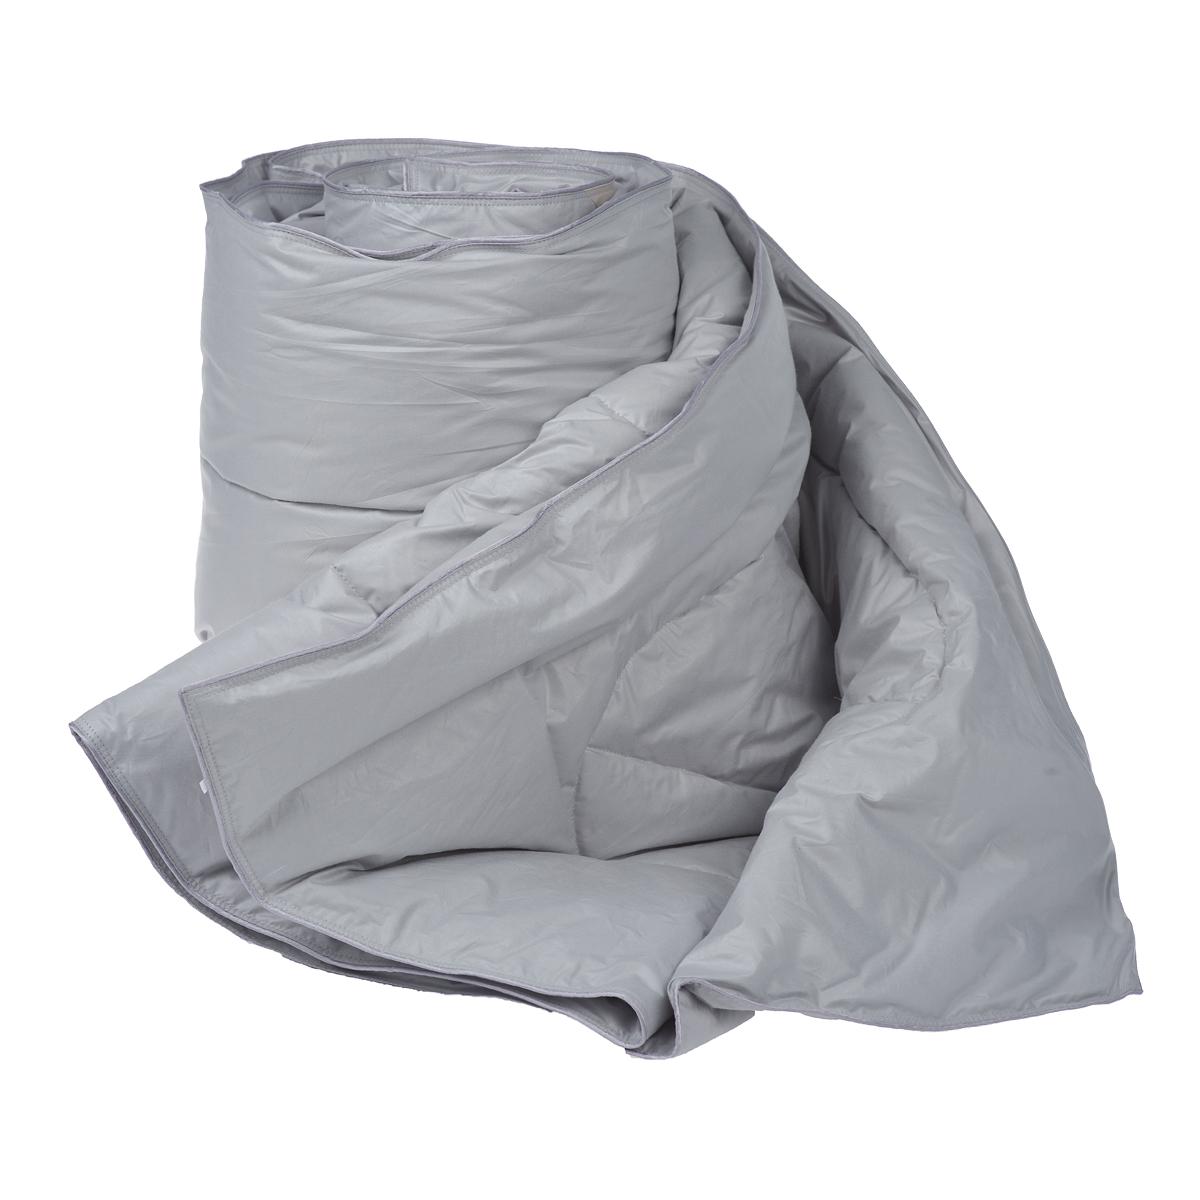 Одеяло Dargez Богемия, наполнитель: пух категории Экстра, цвет: серый, 140 х 205 см22382Одеяло Dargez Богемия подарит комфорт и уют во время сна.Чехол одеяла выполнен из пуходержащего гладкокрашеного батиста с обработкой ионами серебра. Ткань с ионами серебра благотворно воздействует на кожу, оказывает расслабляющее действие для организма человека, имеет устойчивый антибактериальный эффект.Уникальная запатентованная стежка Bodyline® по форме повторяет тело человека, что помогает эффективно регулировать теплообмен различных частей организма и создать оптимальный микроклимат во время сна.Натуральное сырье, инновационные разработки и современные технологии - вот рецепт вашего крепкого сна. Изделия коллекции способны стать прекрасным подарком для людей, ценящих красоту и комфорт. Рекомендации по уходу:- Стирка при температуре не более 40°С.- Запрещается отбеливать, гладить, выжимать и сушить в стиральной машине. Материал чехла: батист пуходержащий (100% хлопок).Материал наполнителя: пух категории Экстра.Размер одеяла: 140 см х 205 см.